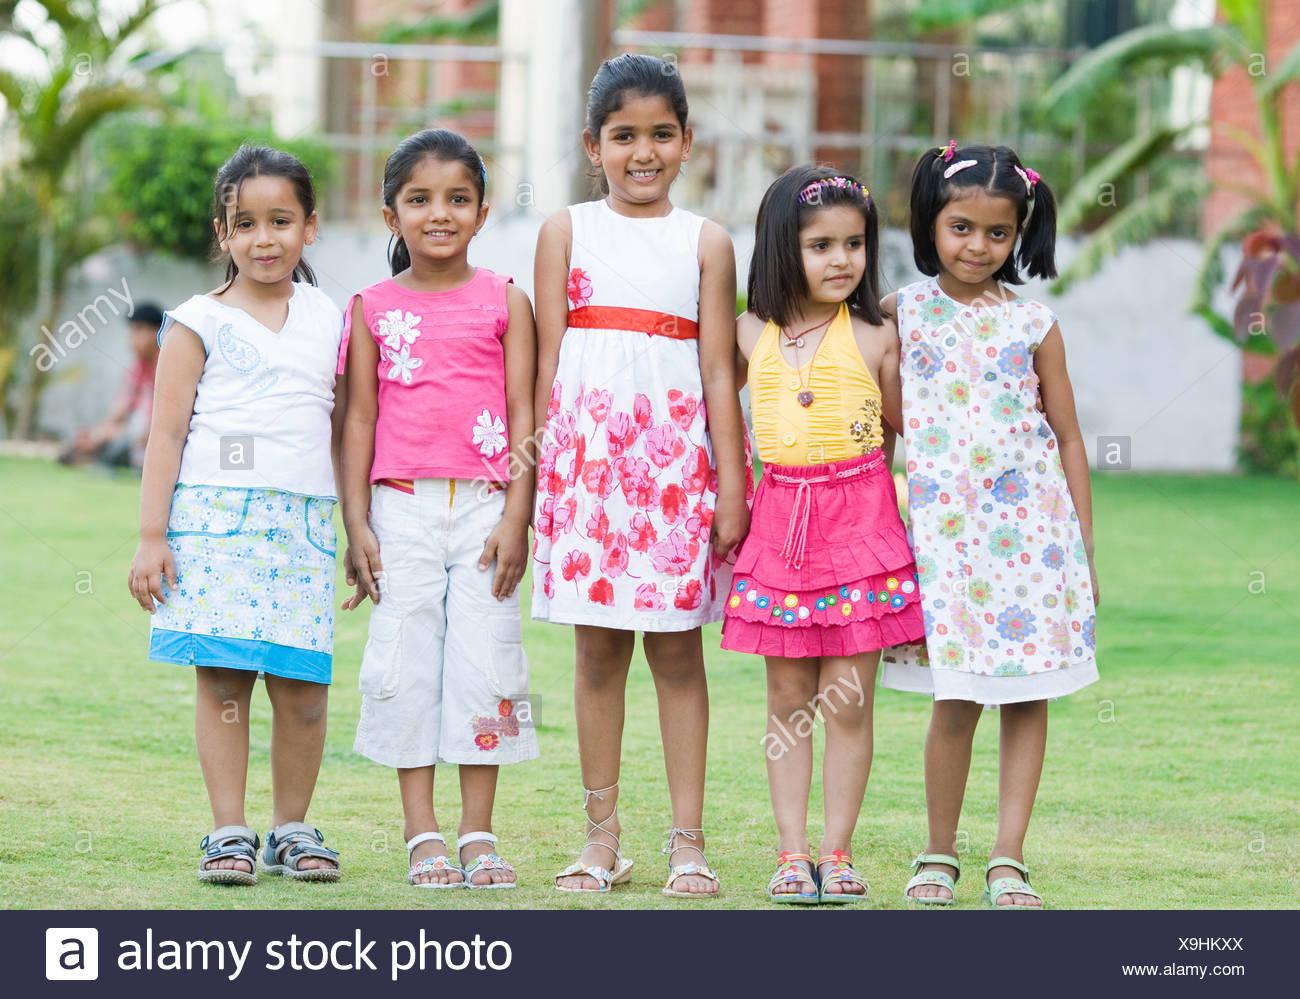 Cinco niñas de pie en un césped y sonriente Imagen De Stock